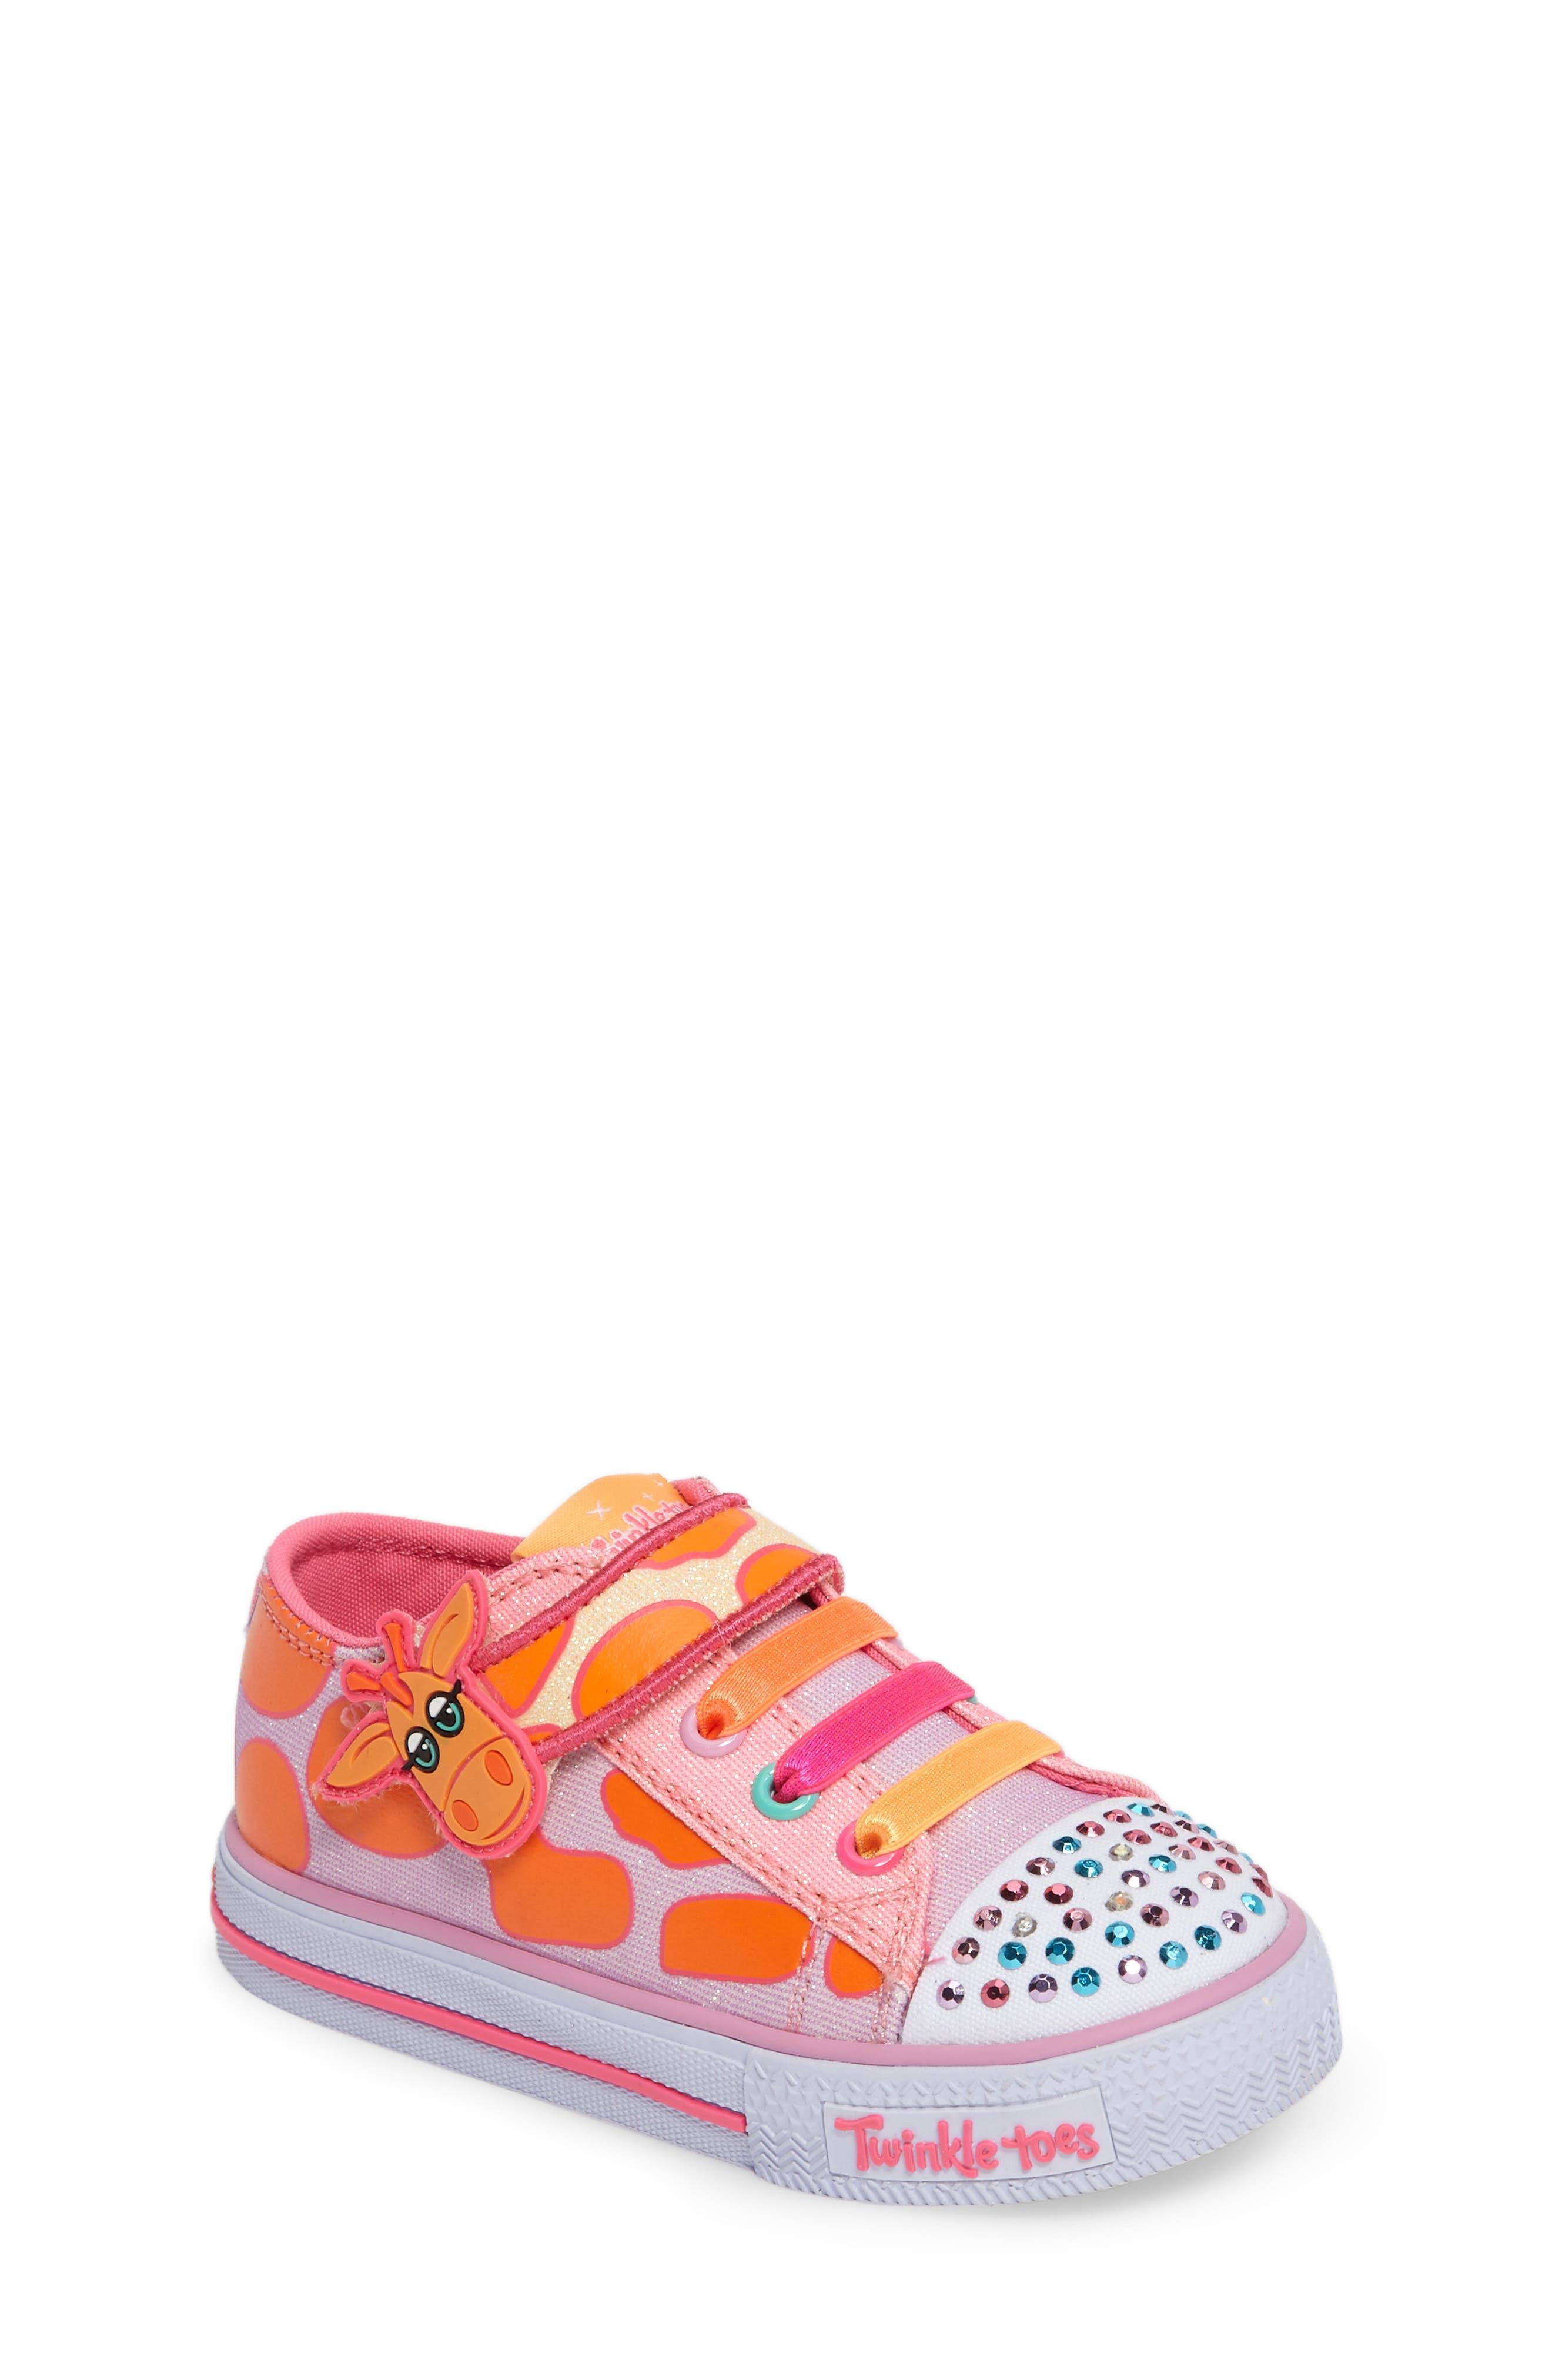 SKECHERS Shuffles - Party Pets Sneaker